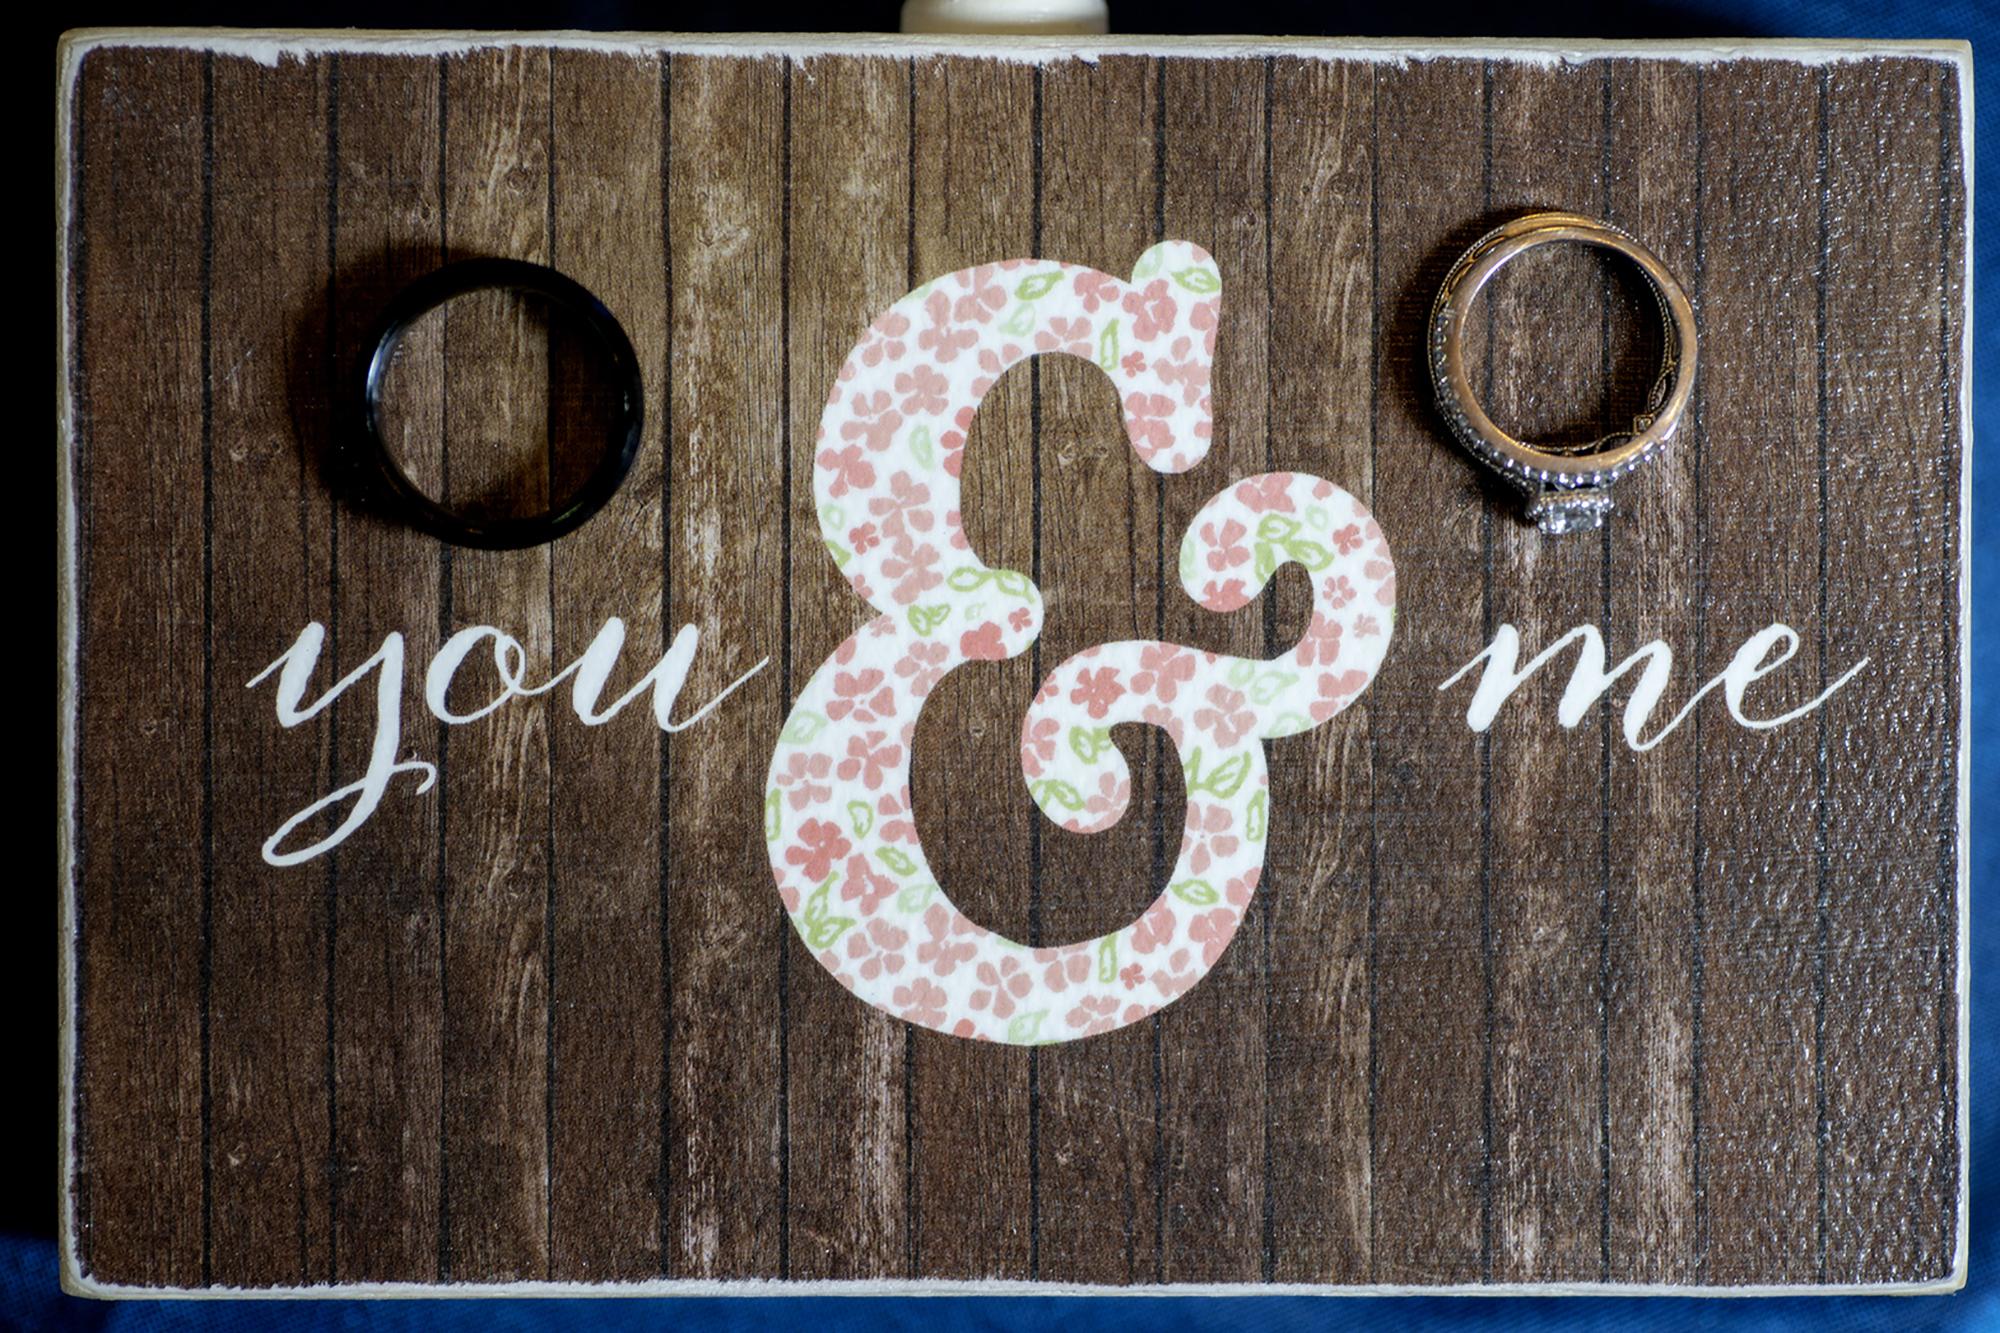 Bride and Groom Wedding Rings Artistic